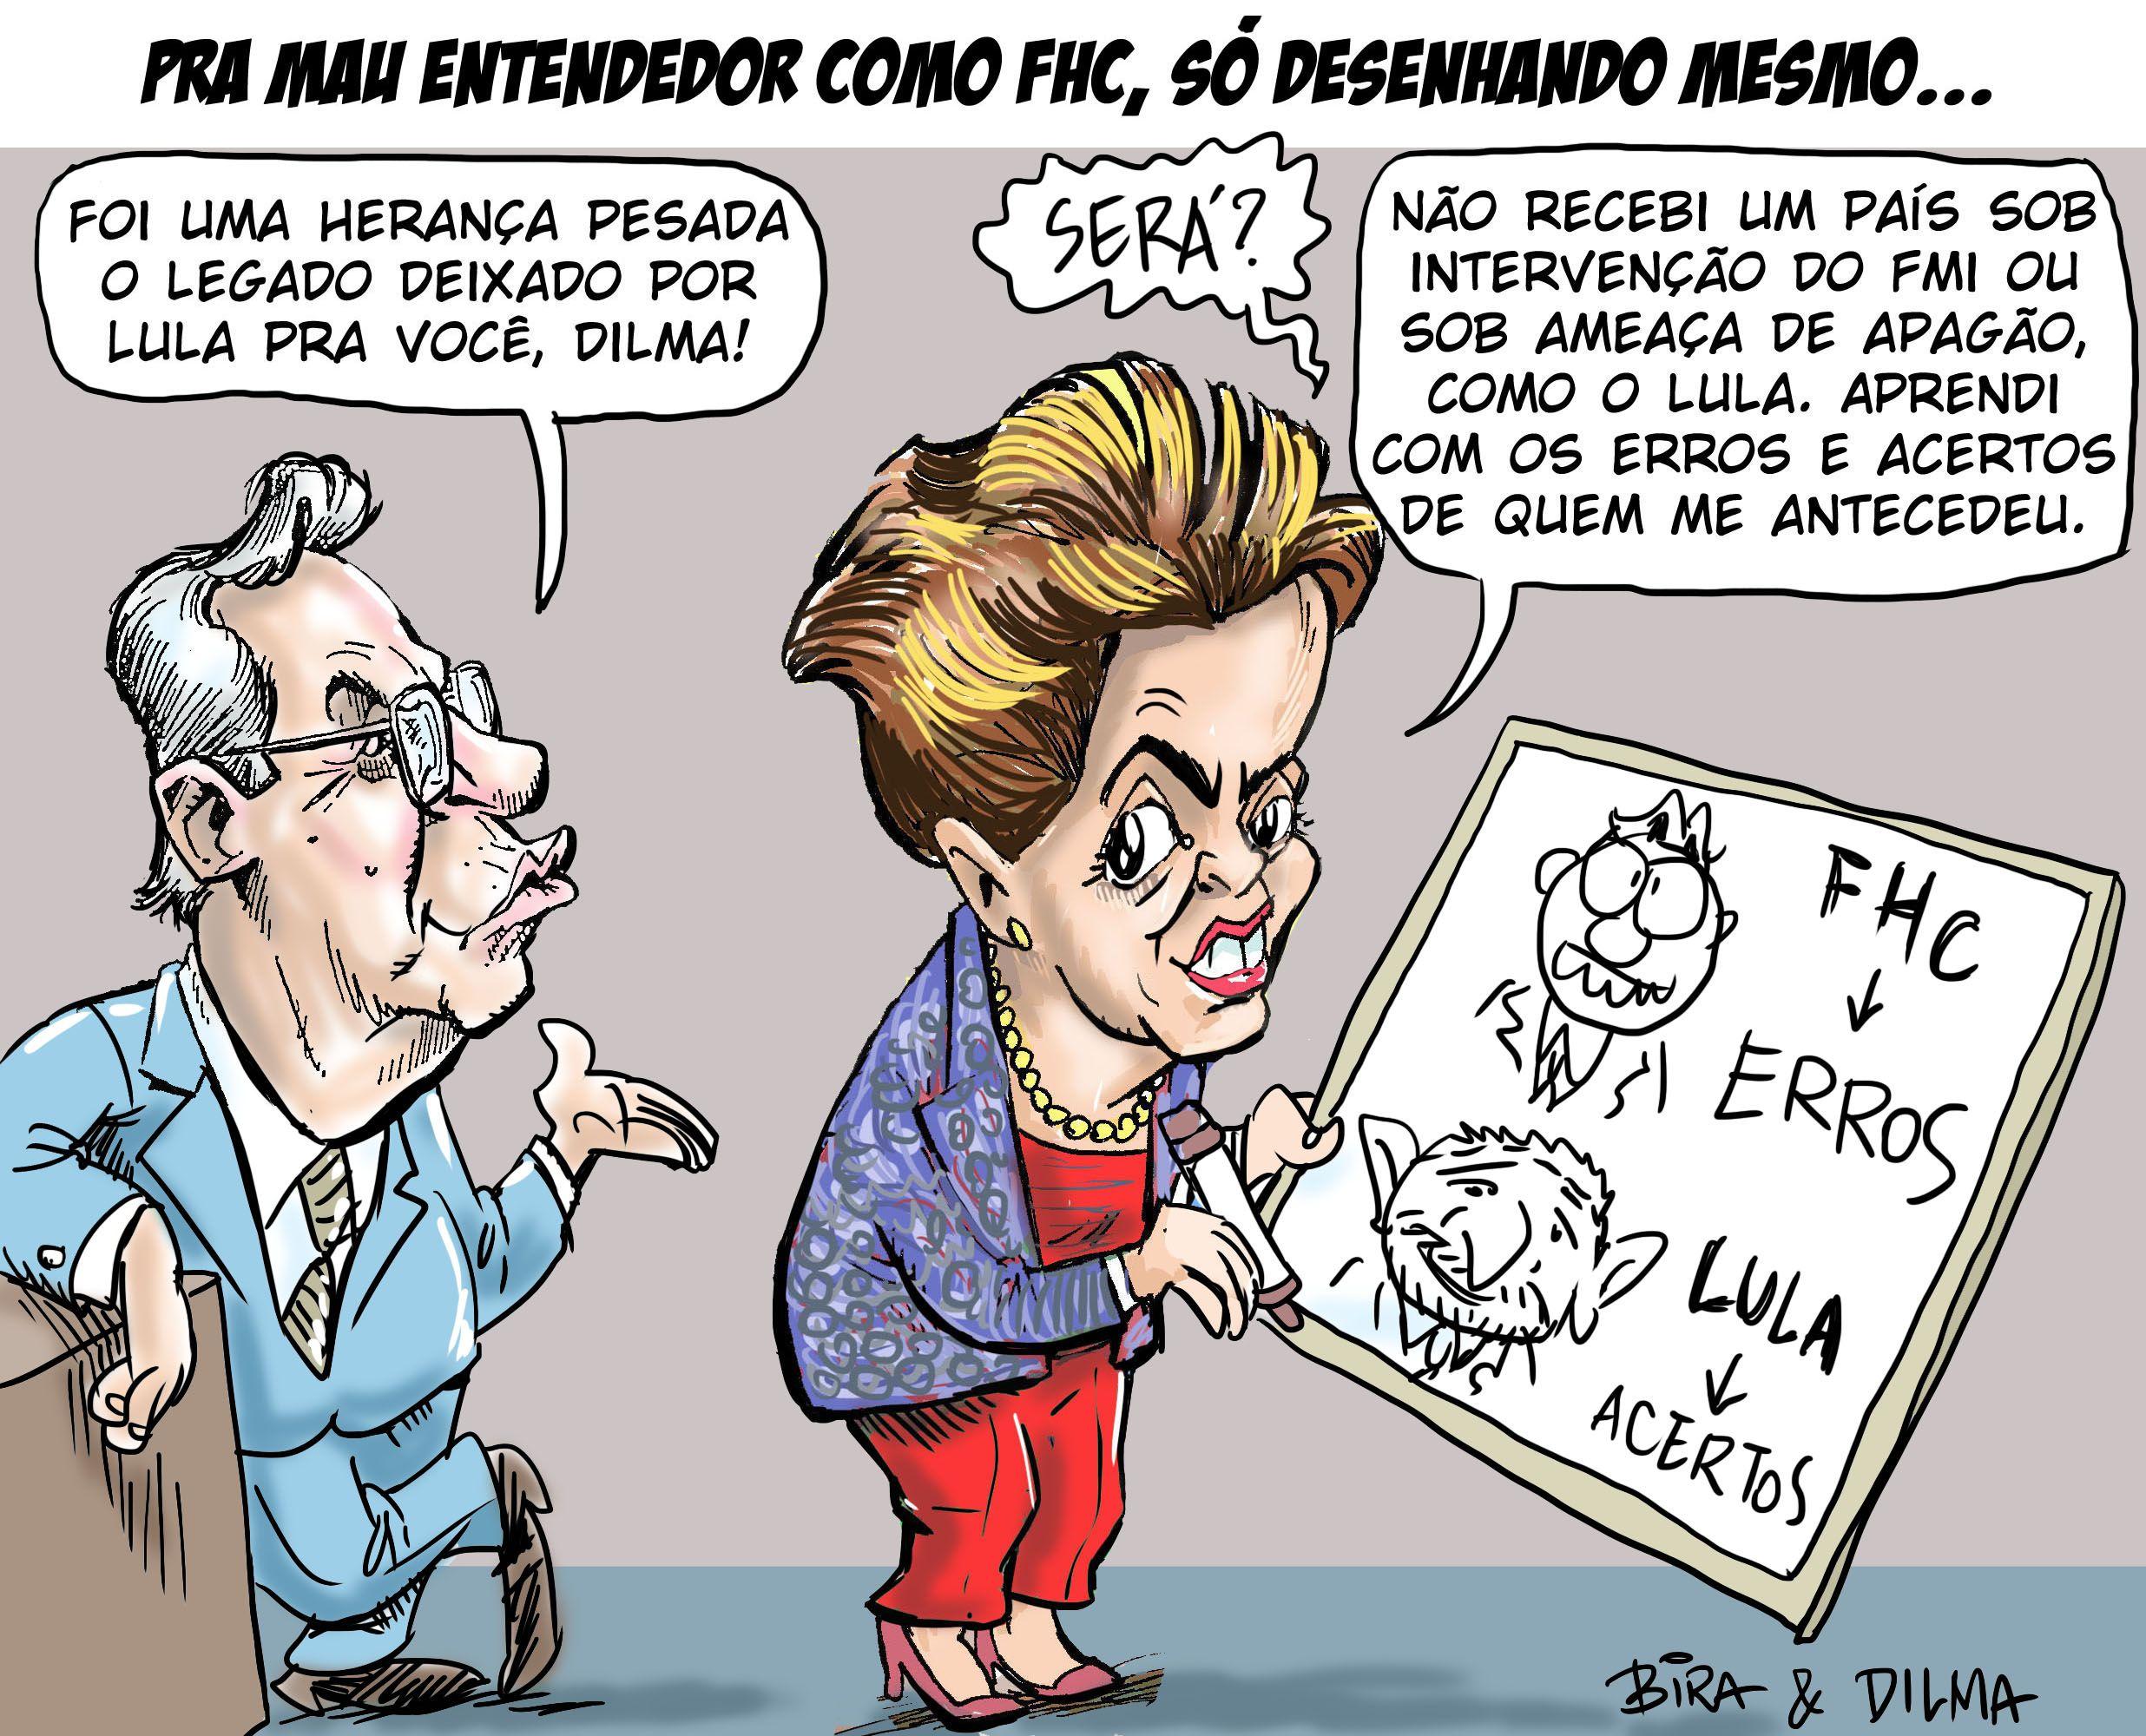 Resposta de Dilma ao Legado de FHC